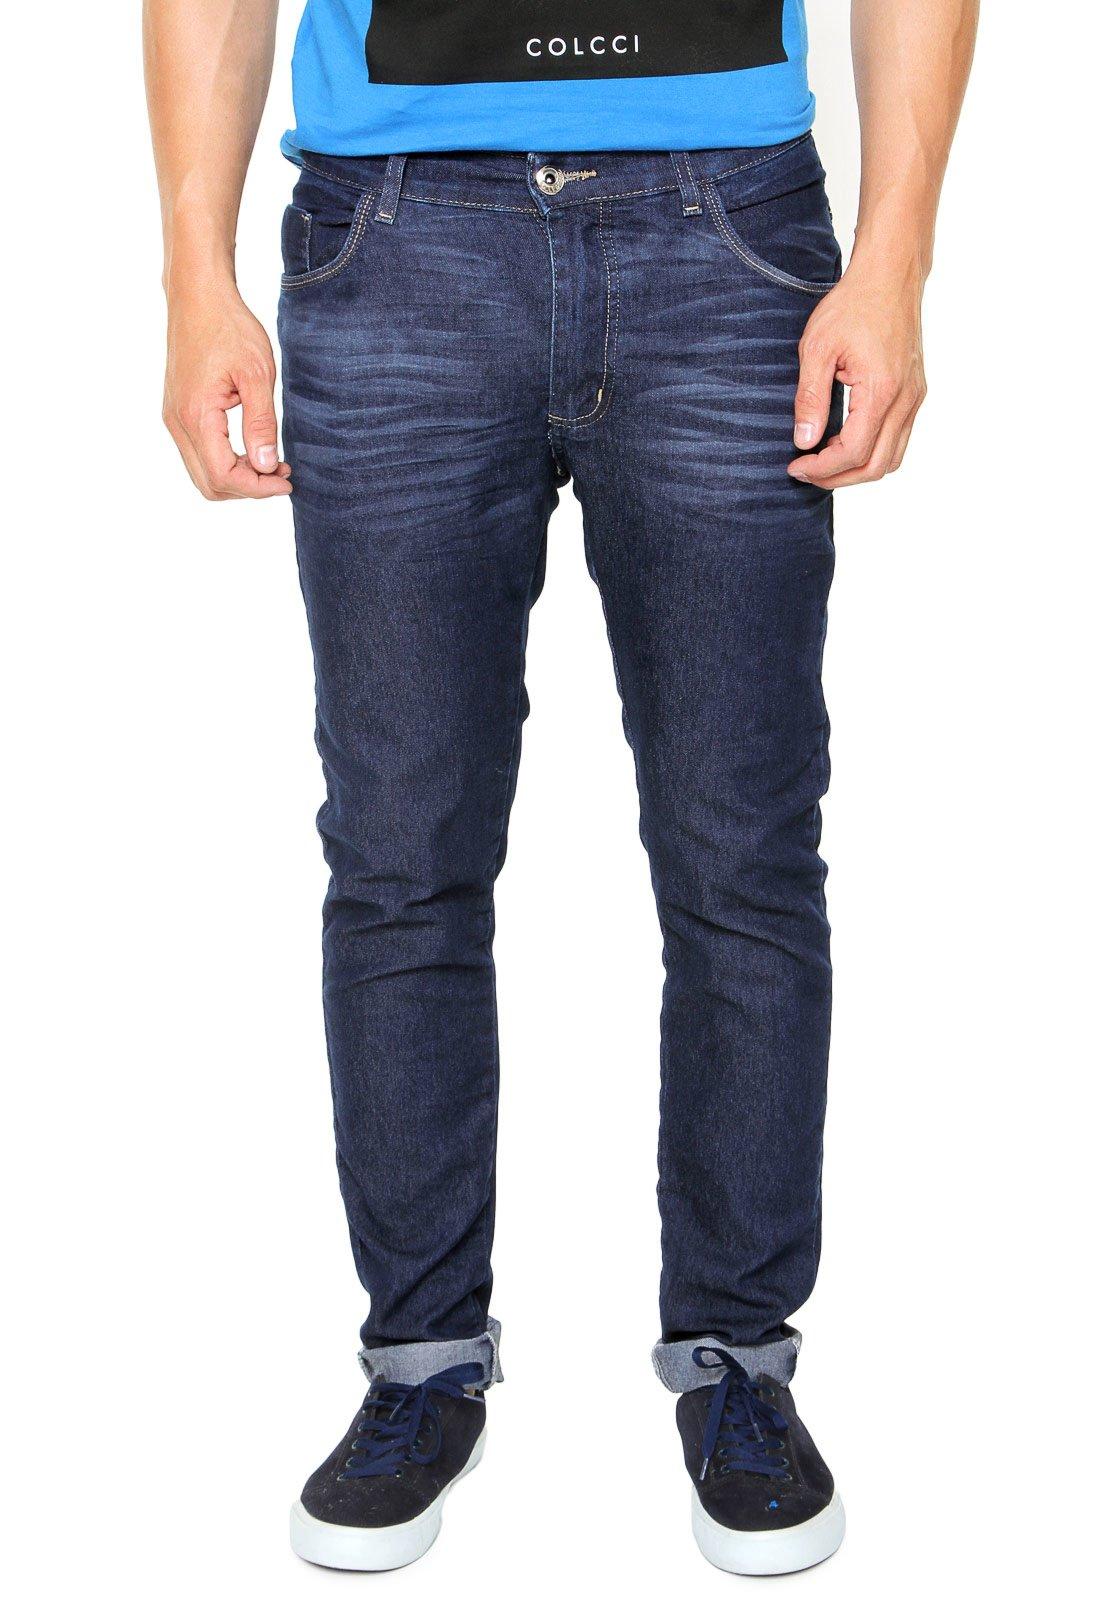 8b6d8696ed6e9 Calça Jeans FiveBlu Slim Eco Azul - Marca FiveBlu ...